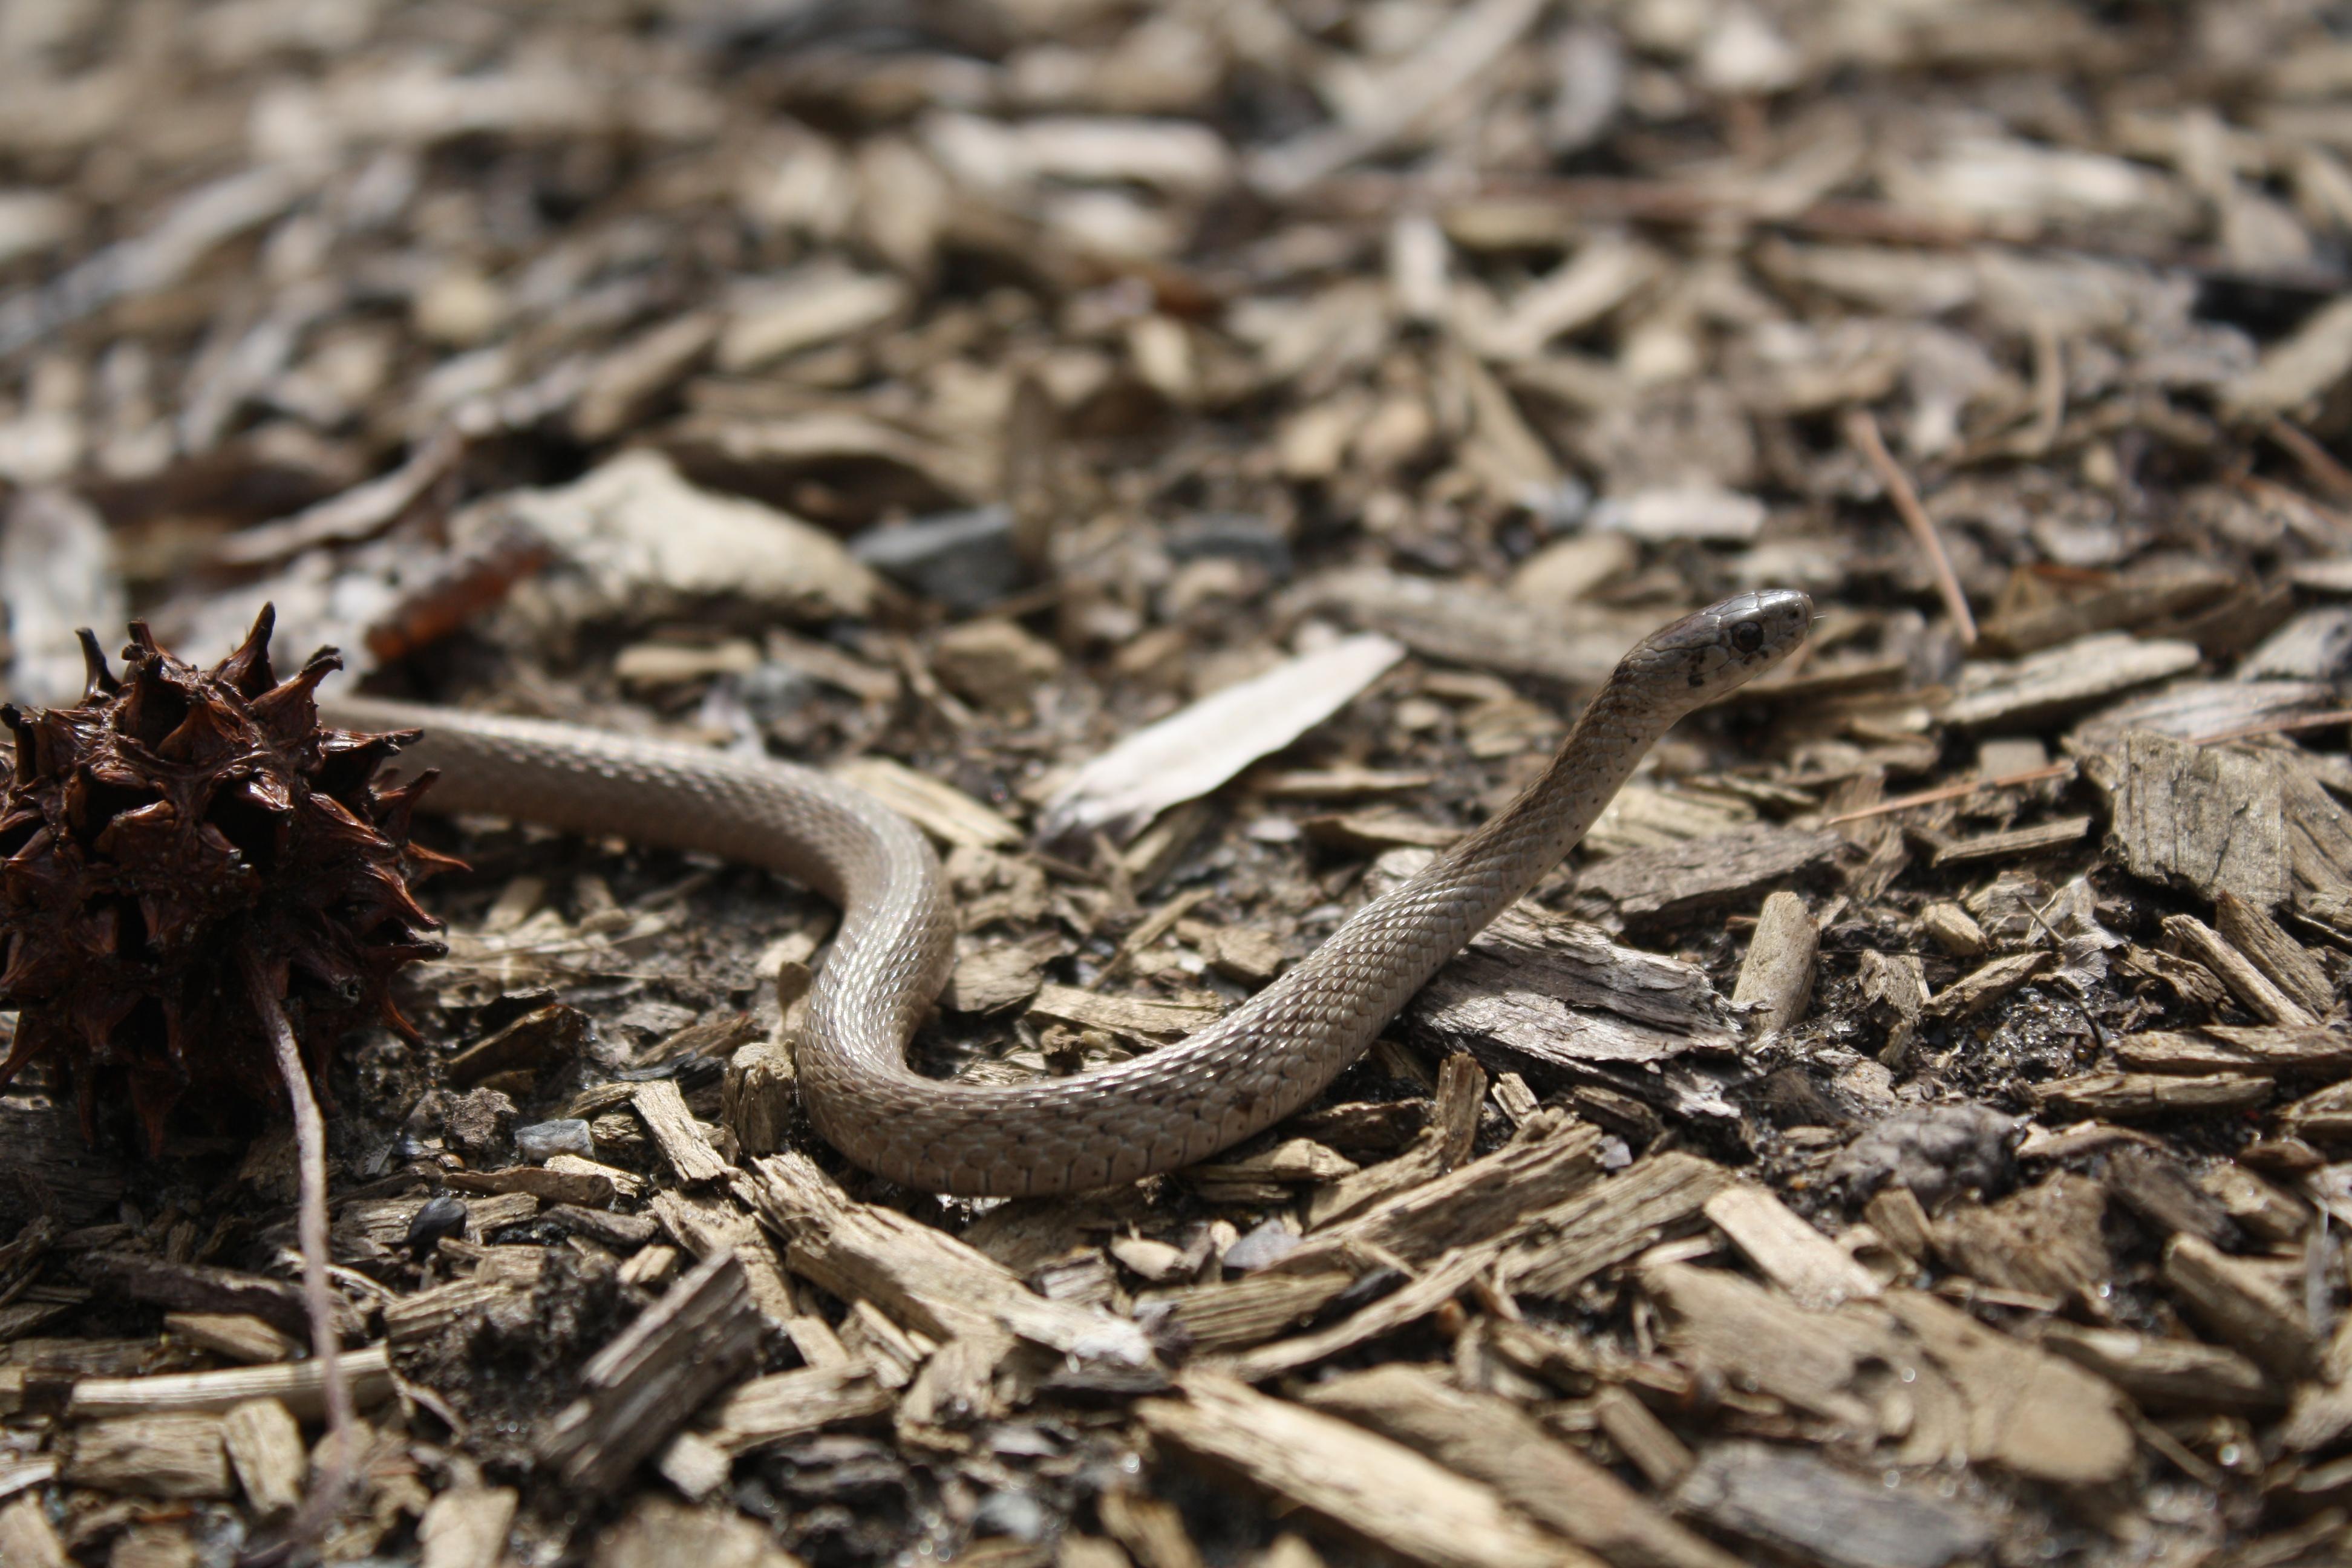 con rắn gỗ rừng Trượt Rắn Bò sát Loài bò sát tỉa Colubridae Con rắn Động